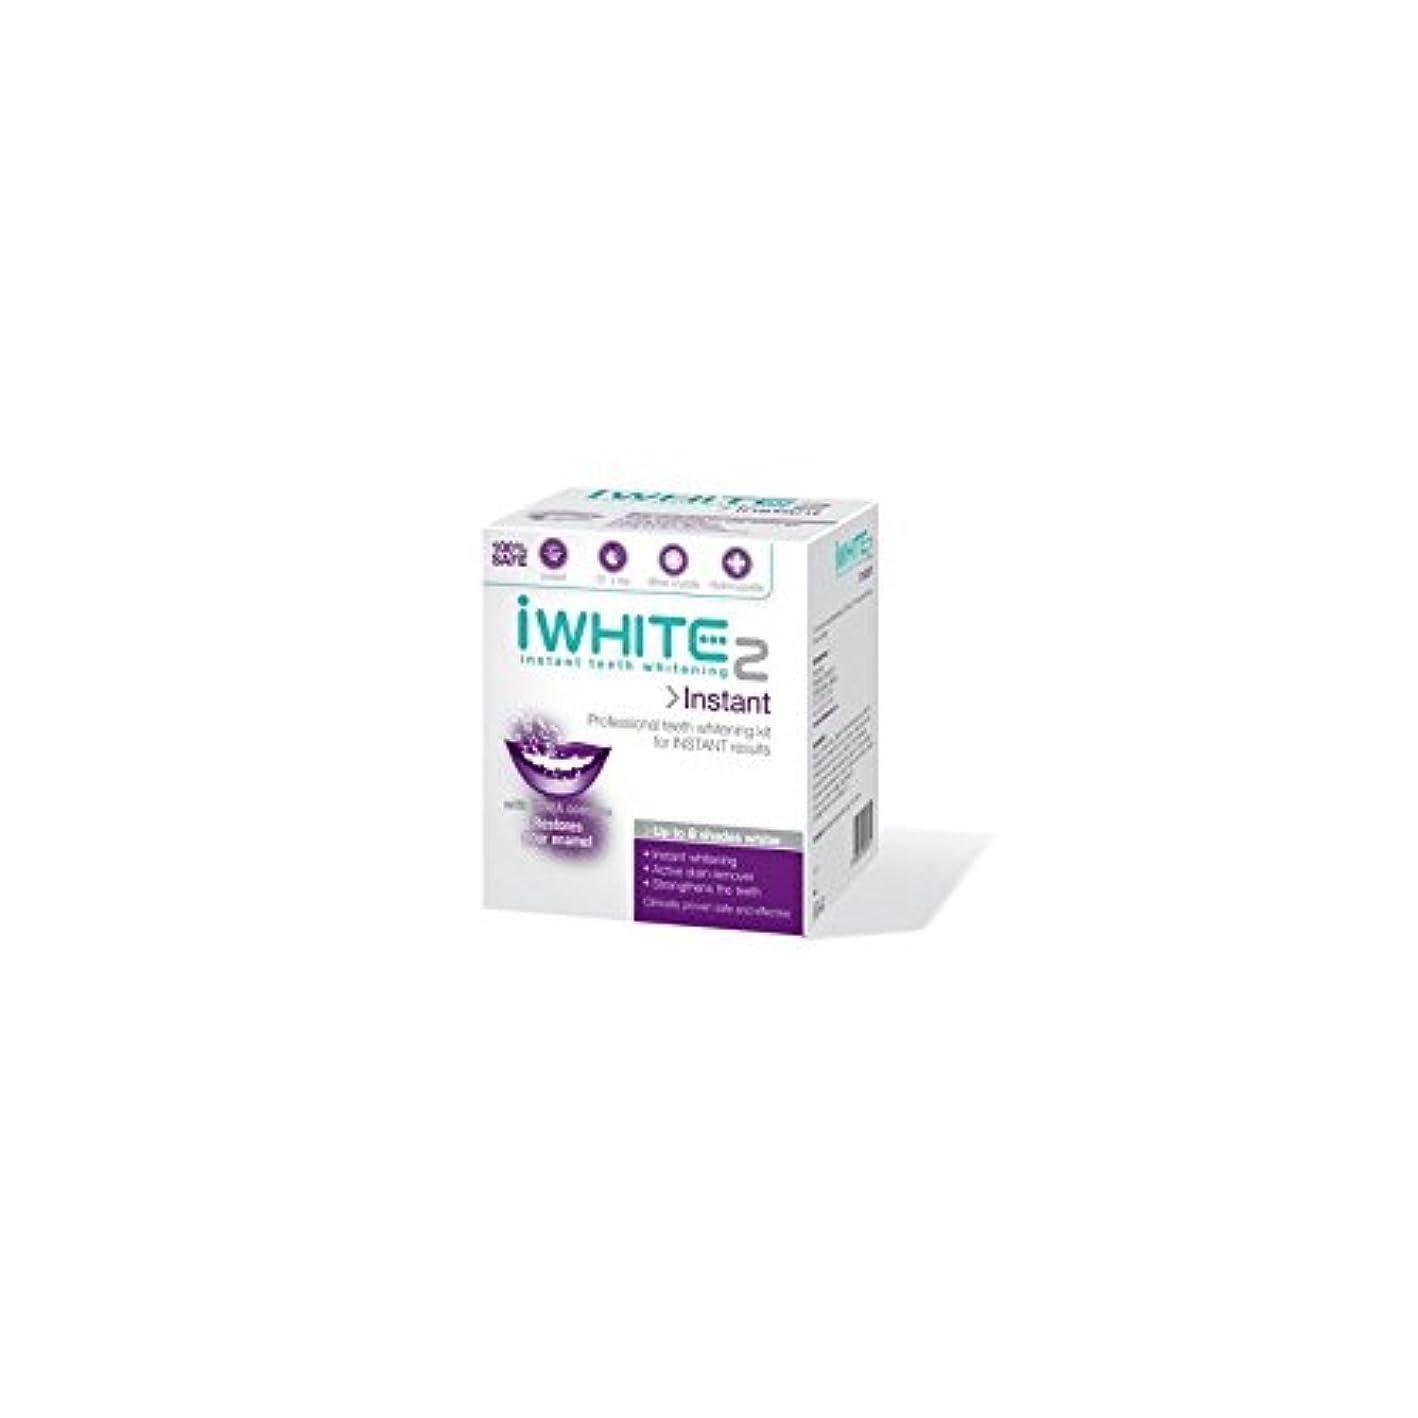 ラウズ放棄する絡まるインスタントキットを白く2本のプロ歯(10トレイ) x4 - iWhite Instant 2 Professional Teeth Whitening Kit (10 Trays) (Pack of 4) [並行輸入品]